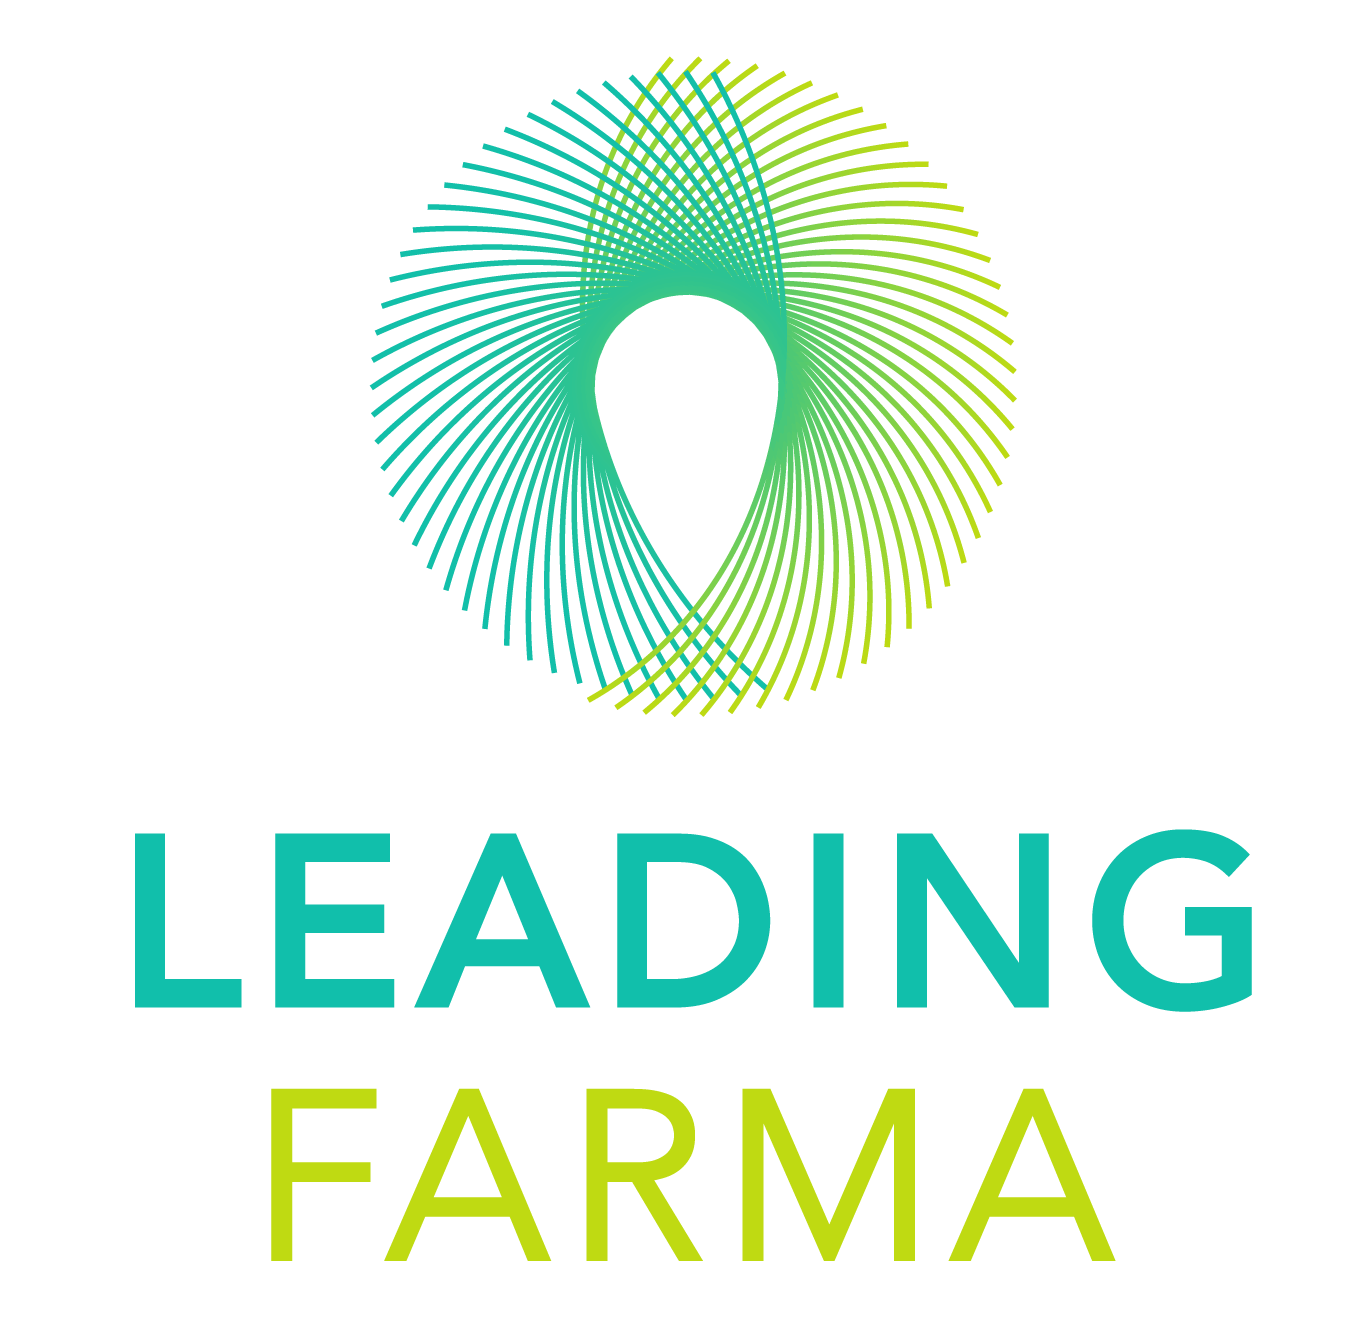 LeadingFarma